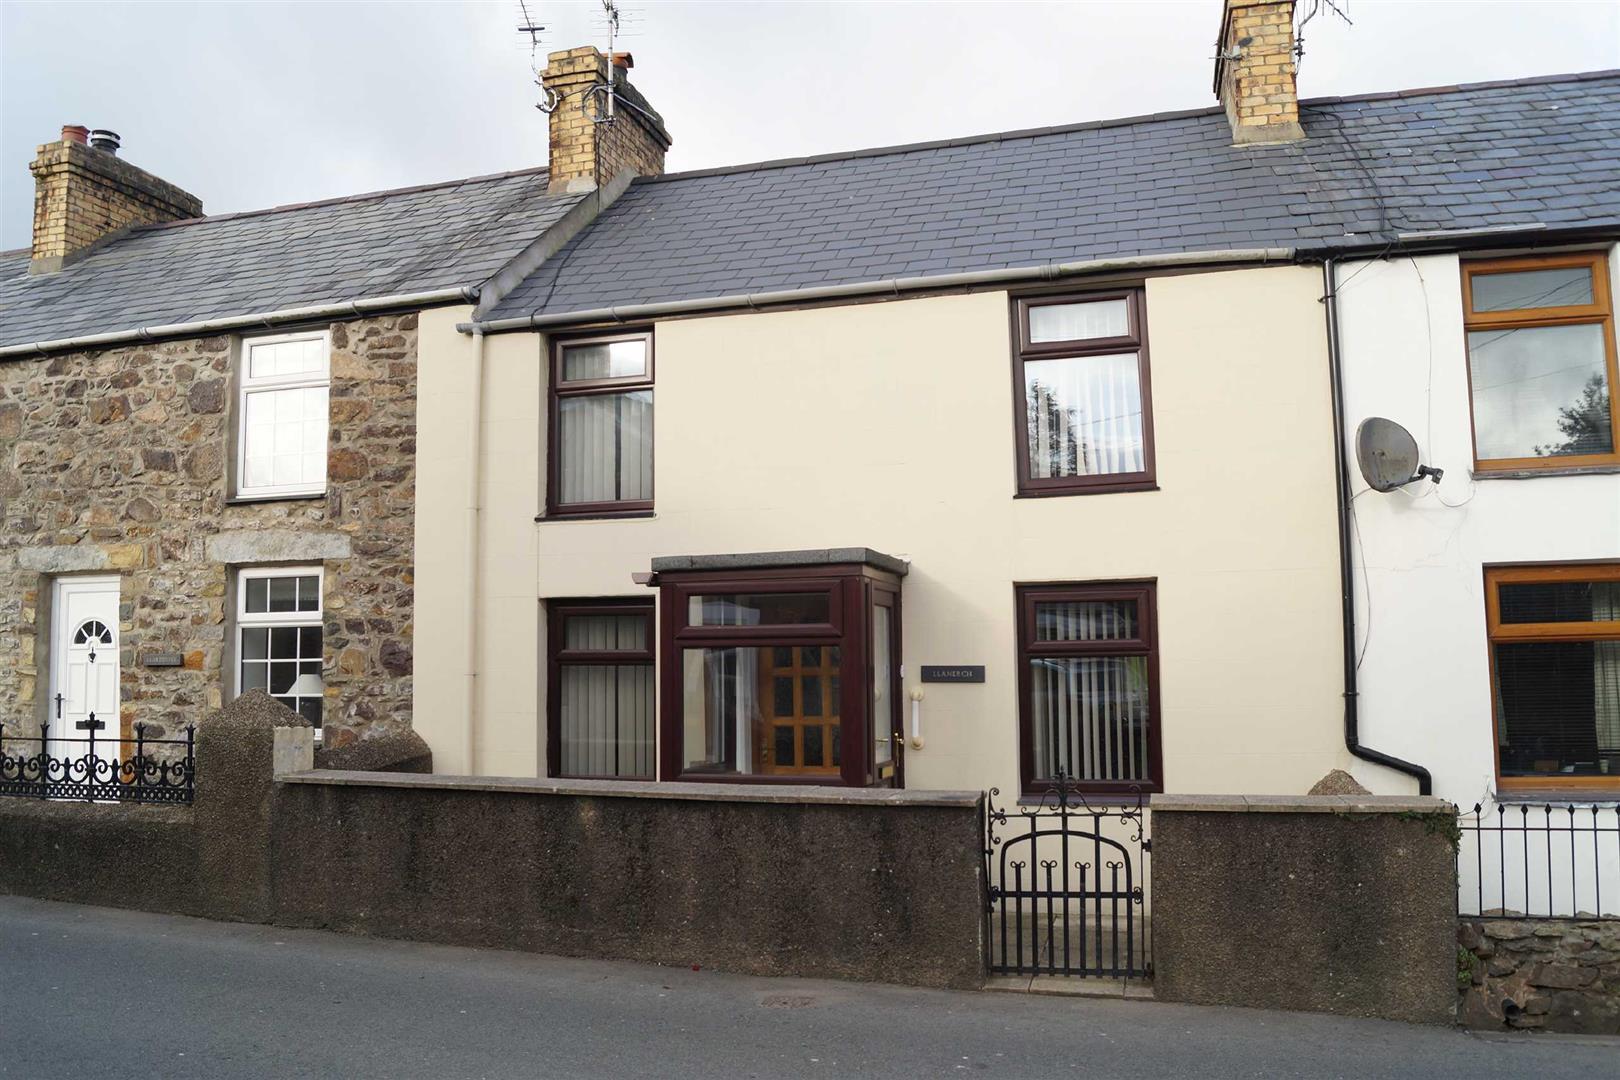 Madryn Terrace, Llanbedrog - £135,000/Reduced to